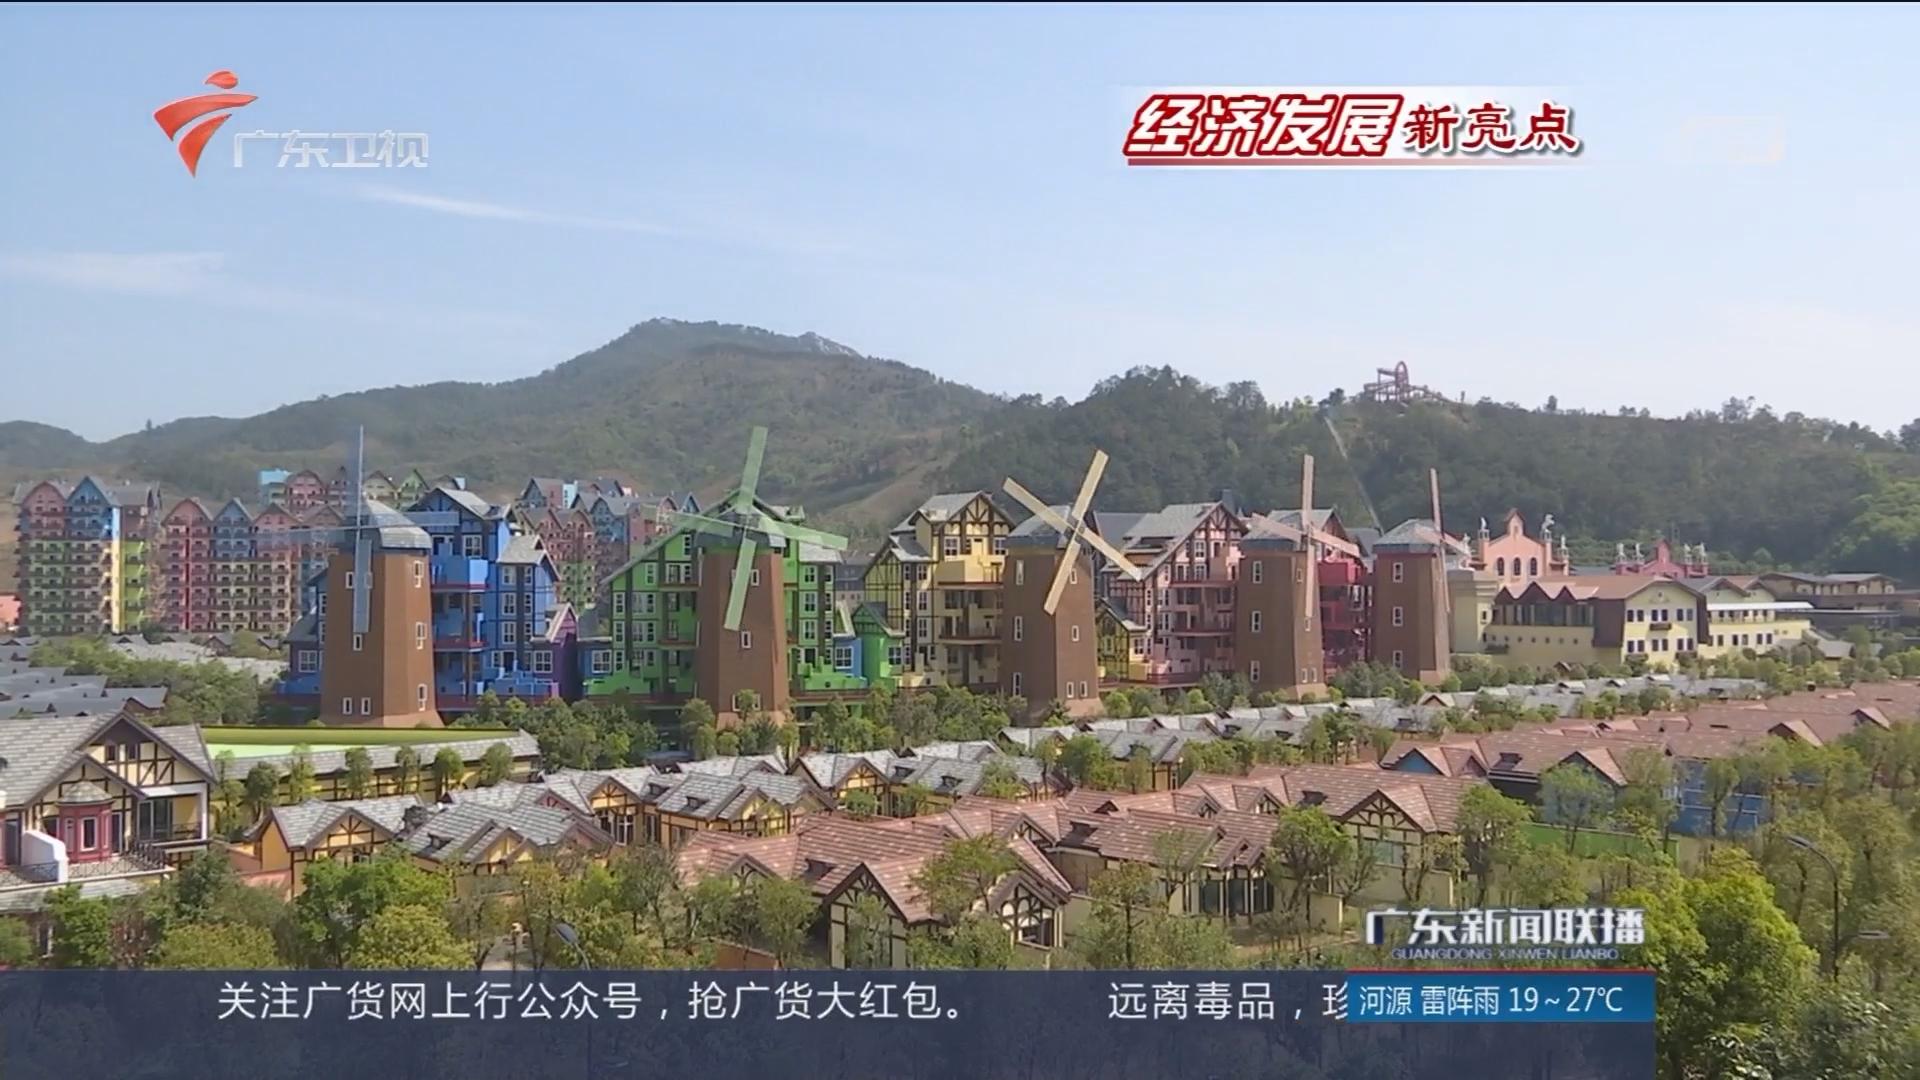 河源:保护生态 建设岭南健康休闲旅游名城